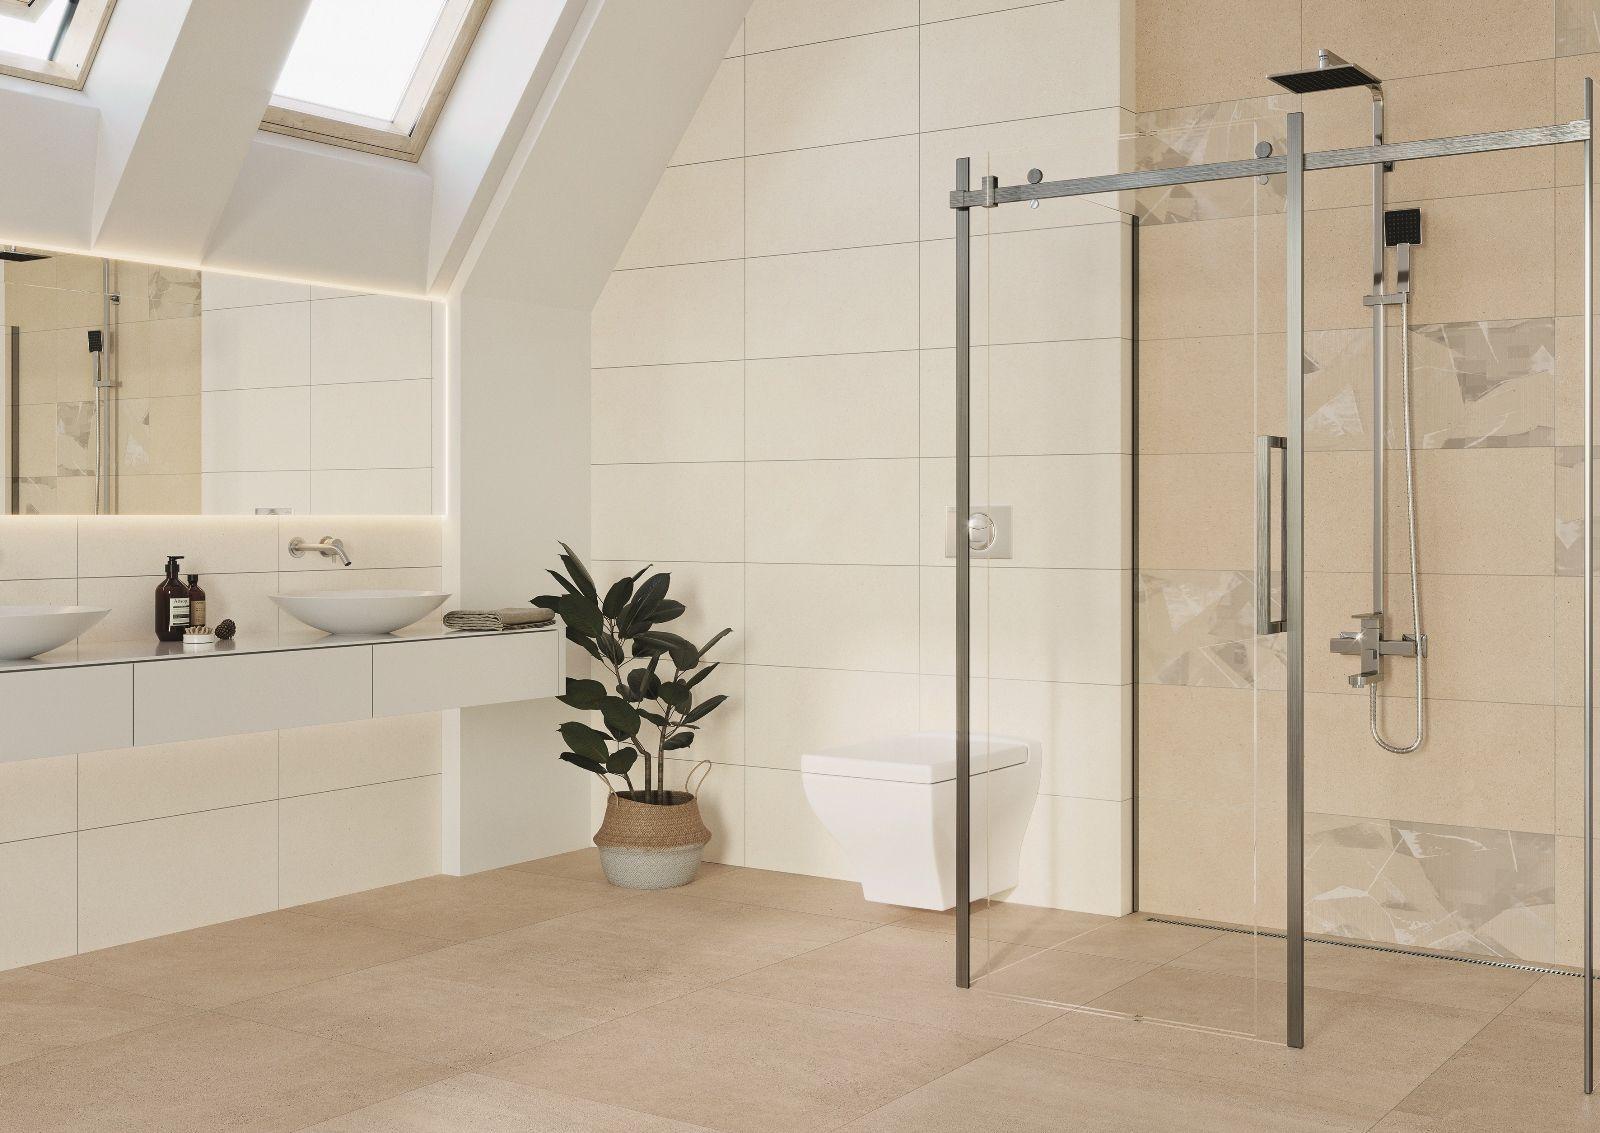 Steuler Paperstone Wandfliese Beige Rektifiziert 30x60cm Badezimmer Mit Dachflachenfenster Hier Wurde In 2020 Badezimmer Badezimmer Fliesen Beige Badezimmer Fliesen